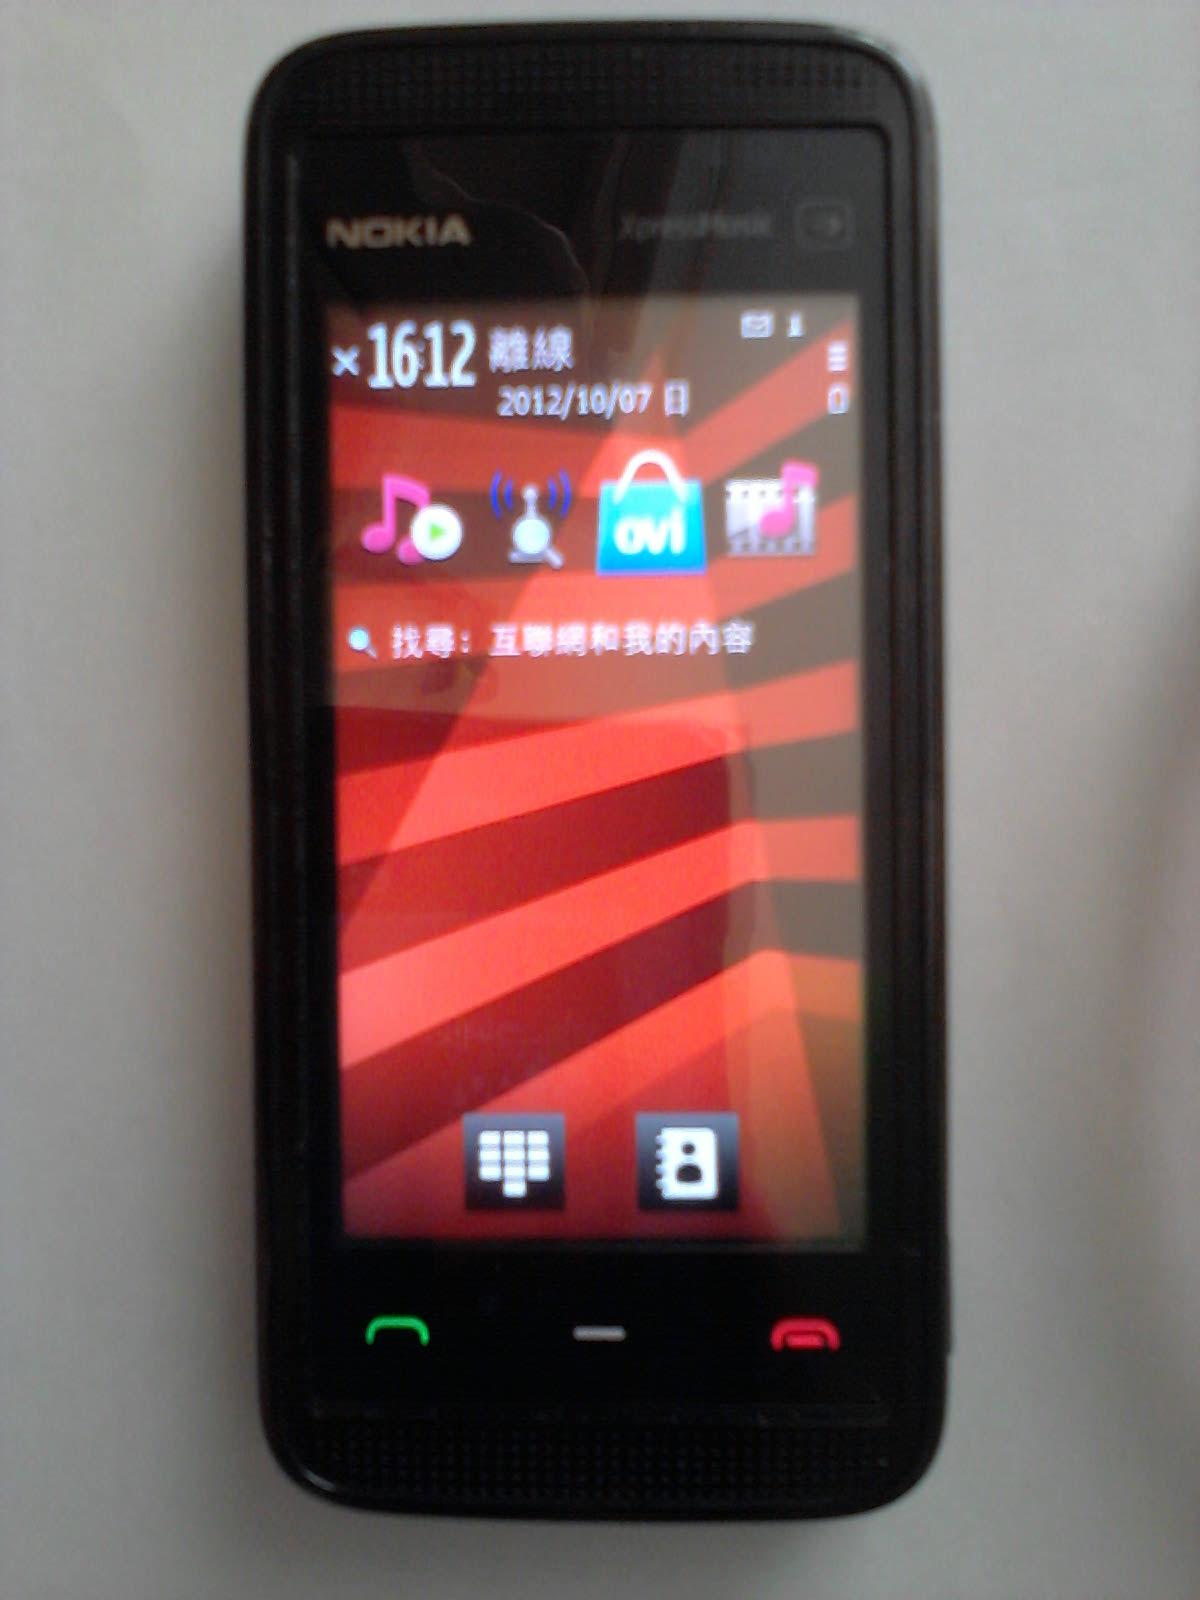 Nokia 5530 Xpressmusic Wikipedia